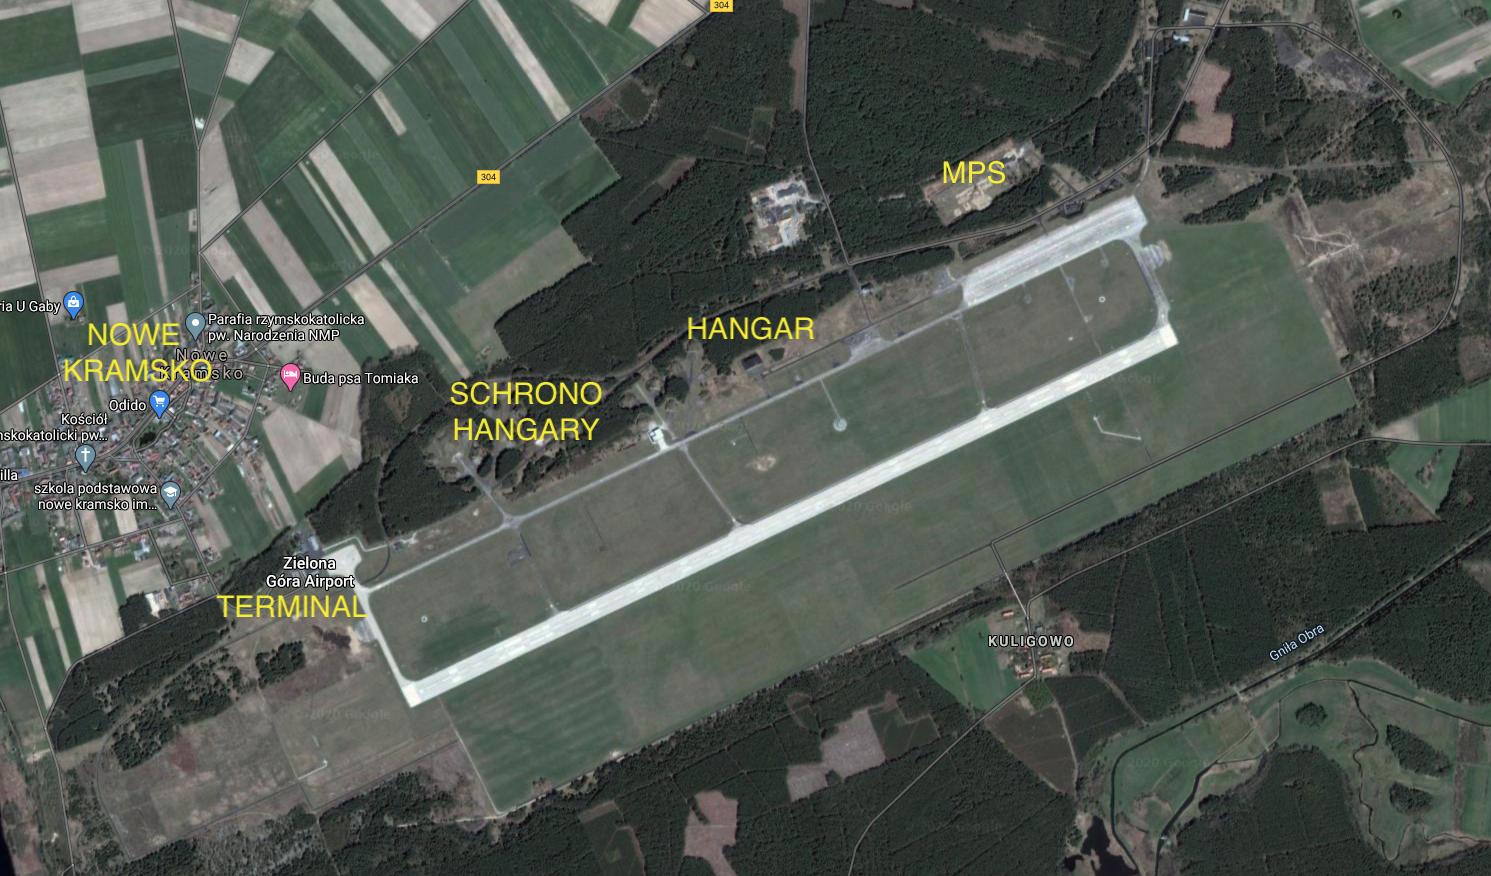 Lotnisko w Babimoście. 2010 rok. Zdjęcie google